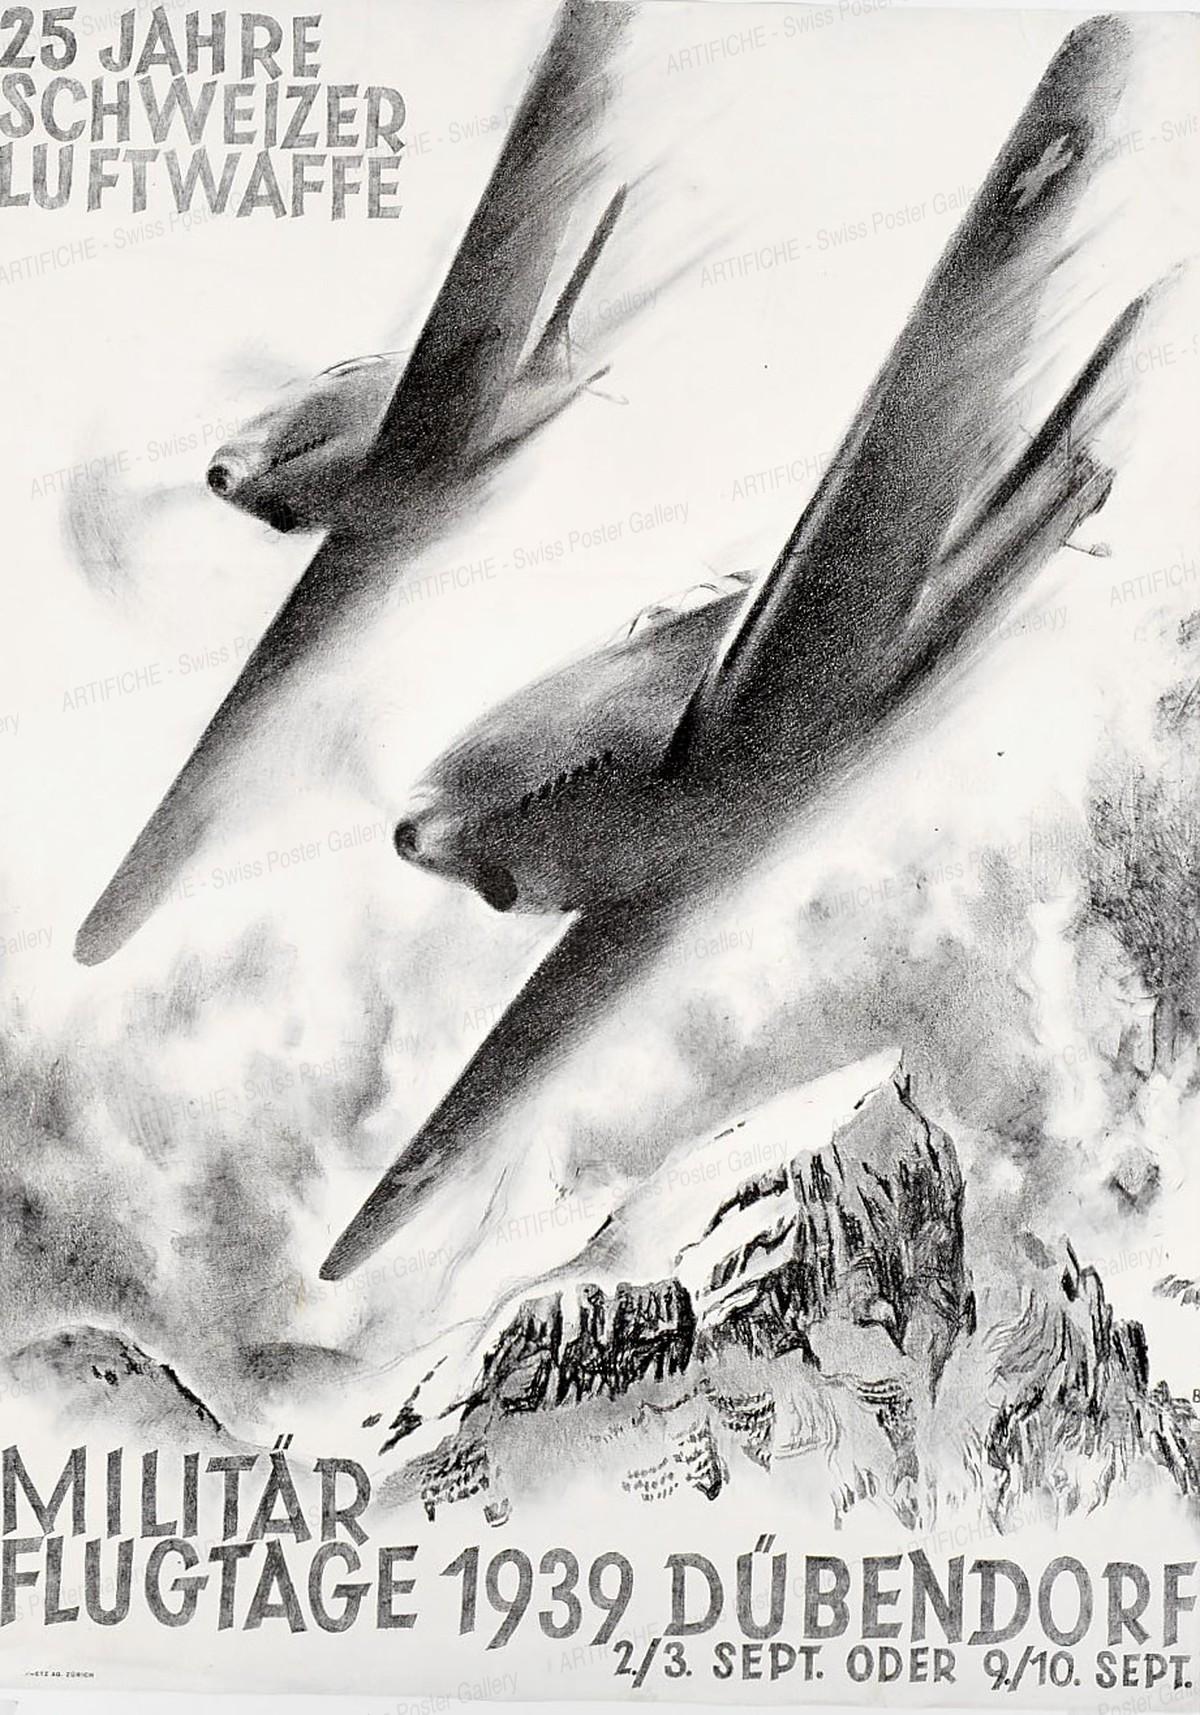 25 Jahre Schweizer Luftwaffe – Militärflugtage 1939 Dübendorf – 2./3. September oder 9./10. September 1939, Otto Baumberger